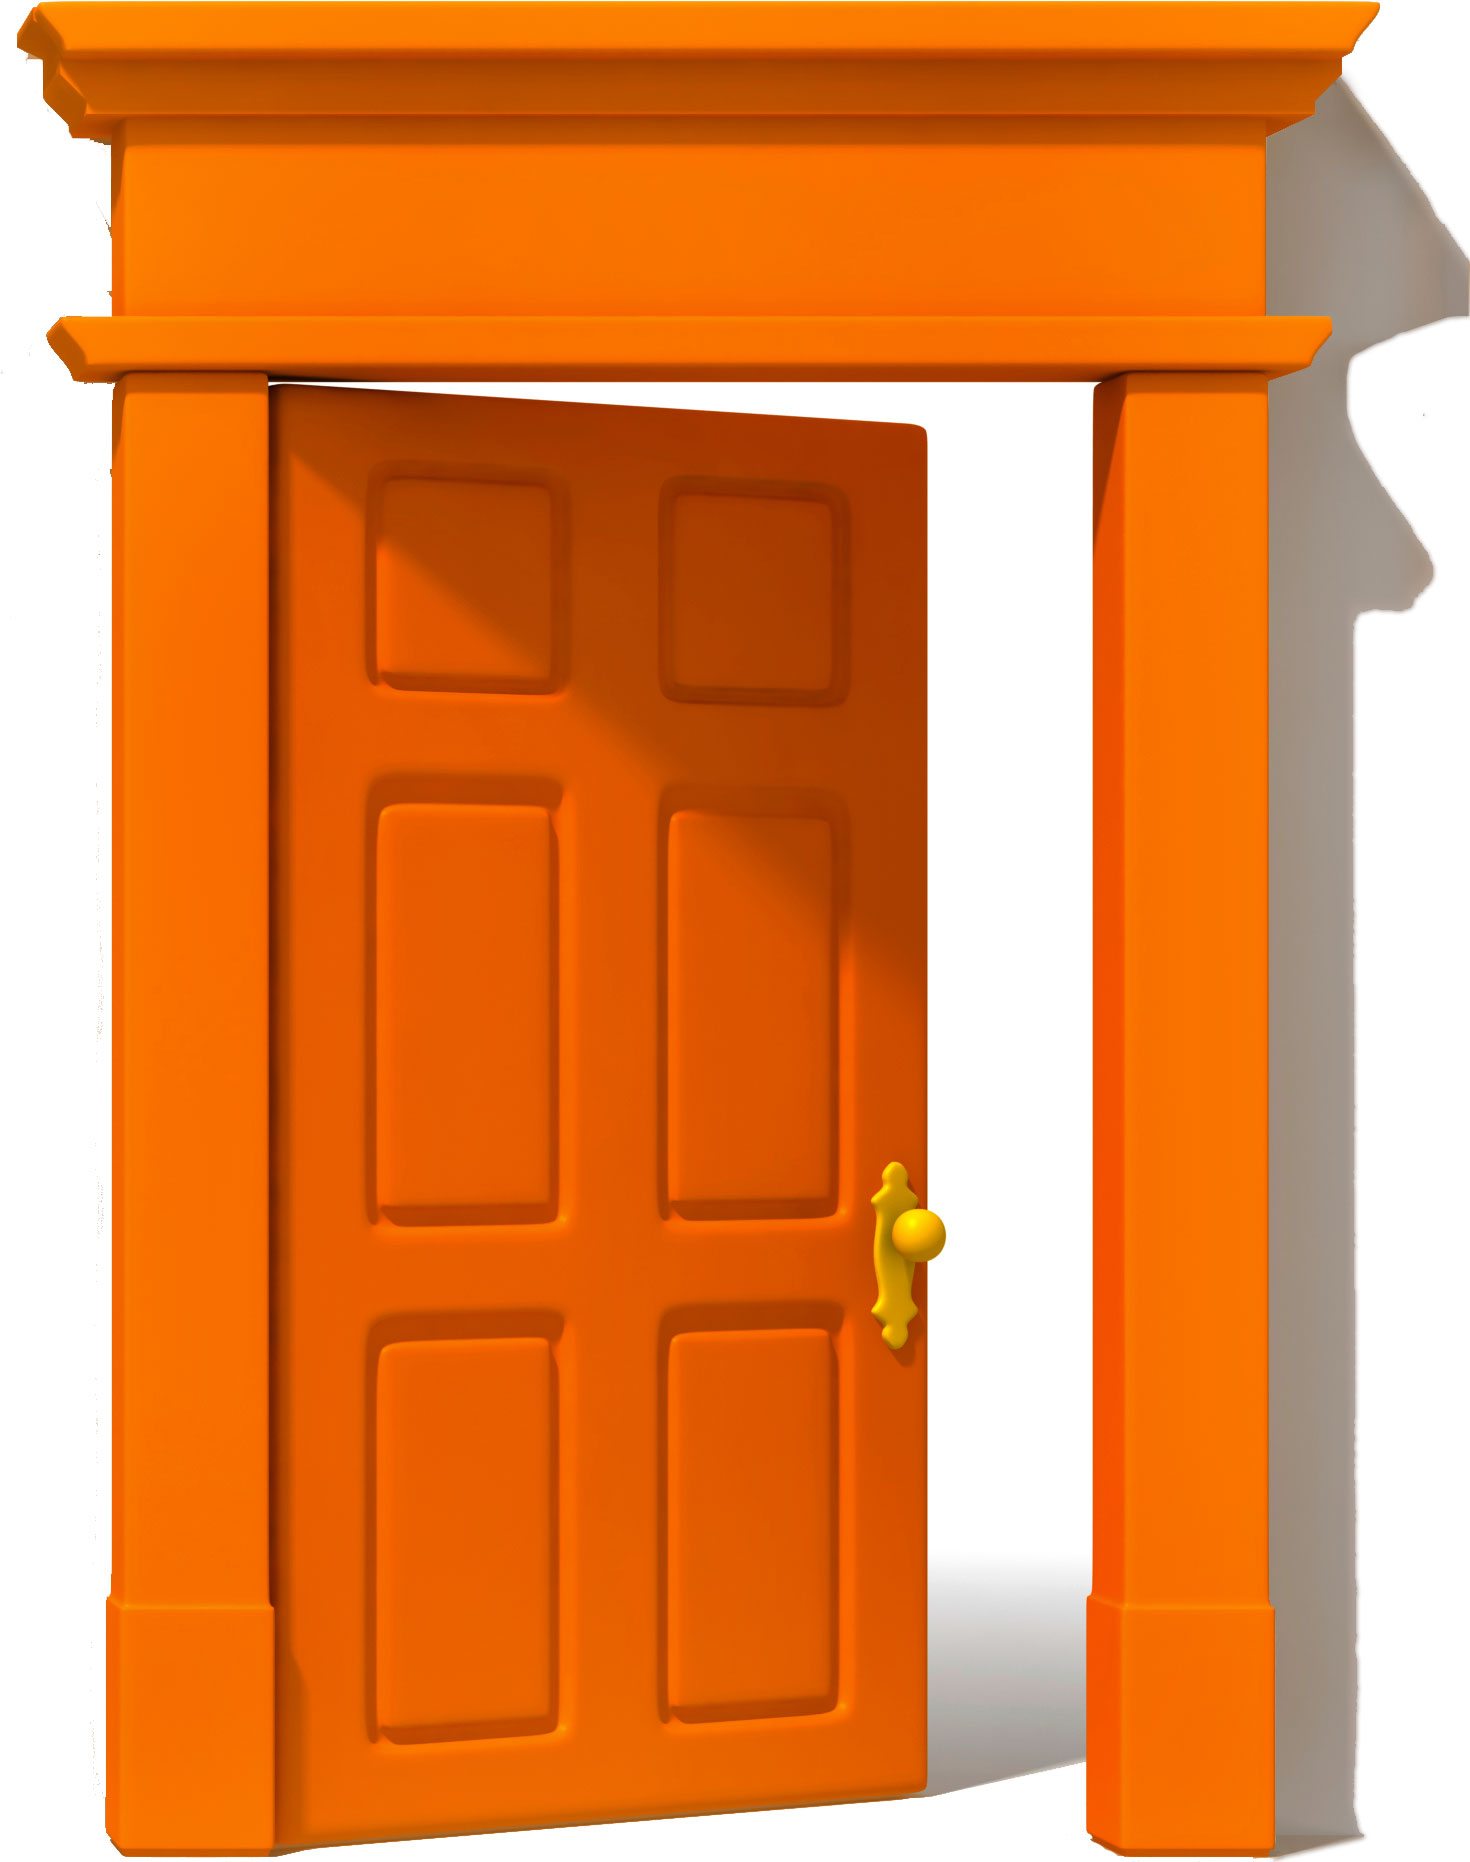 Двери рисованные картинки